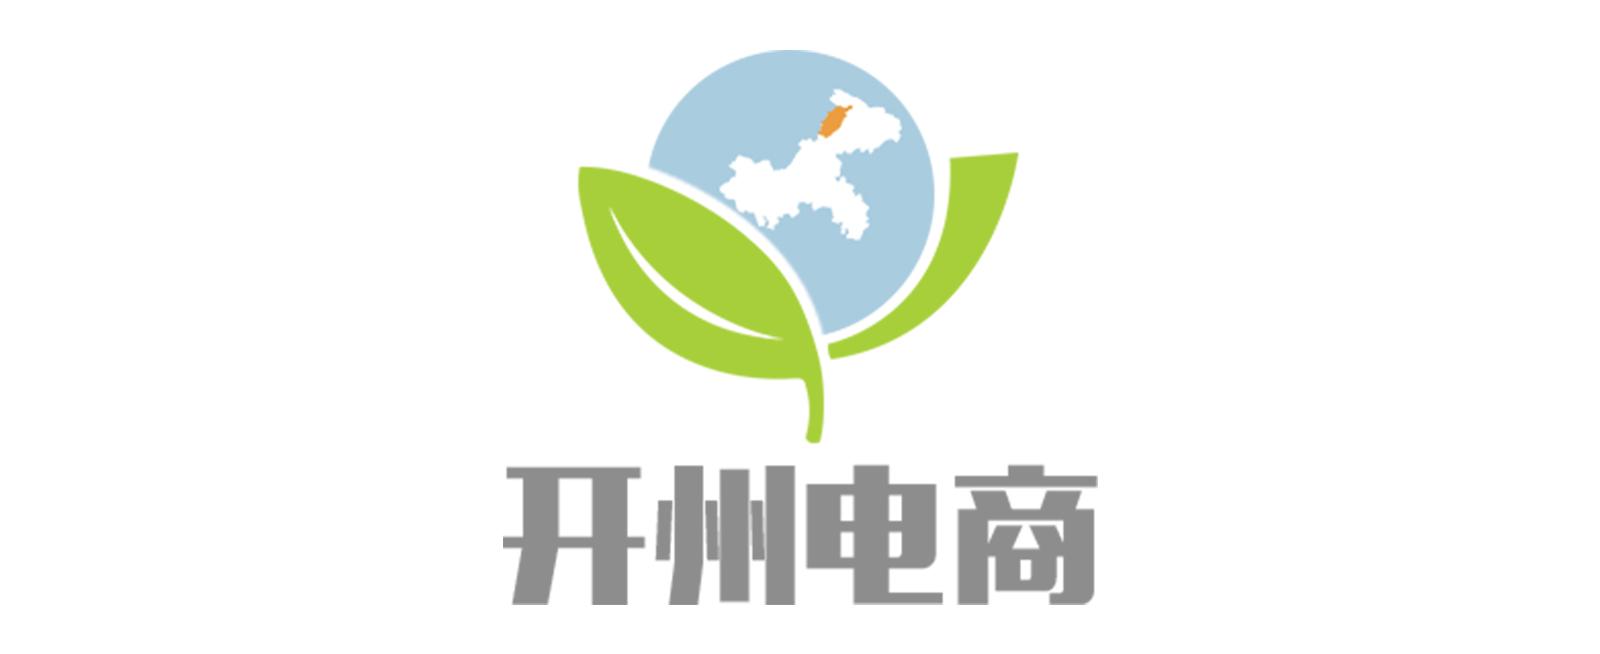 开州区爱游戏官方主页公共服务中心